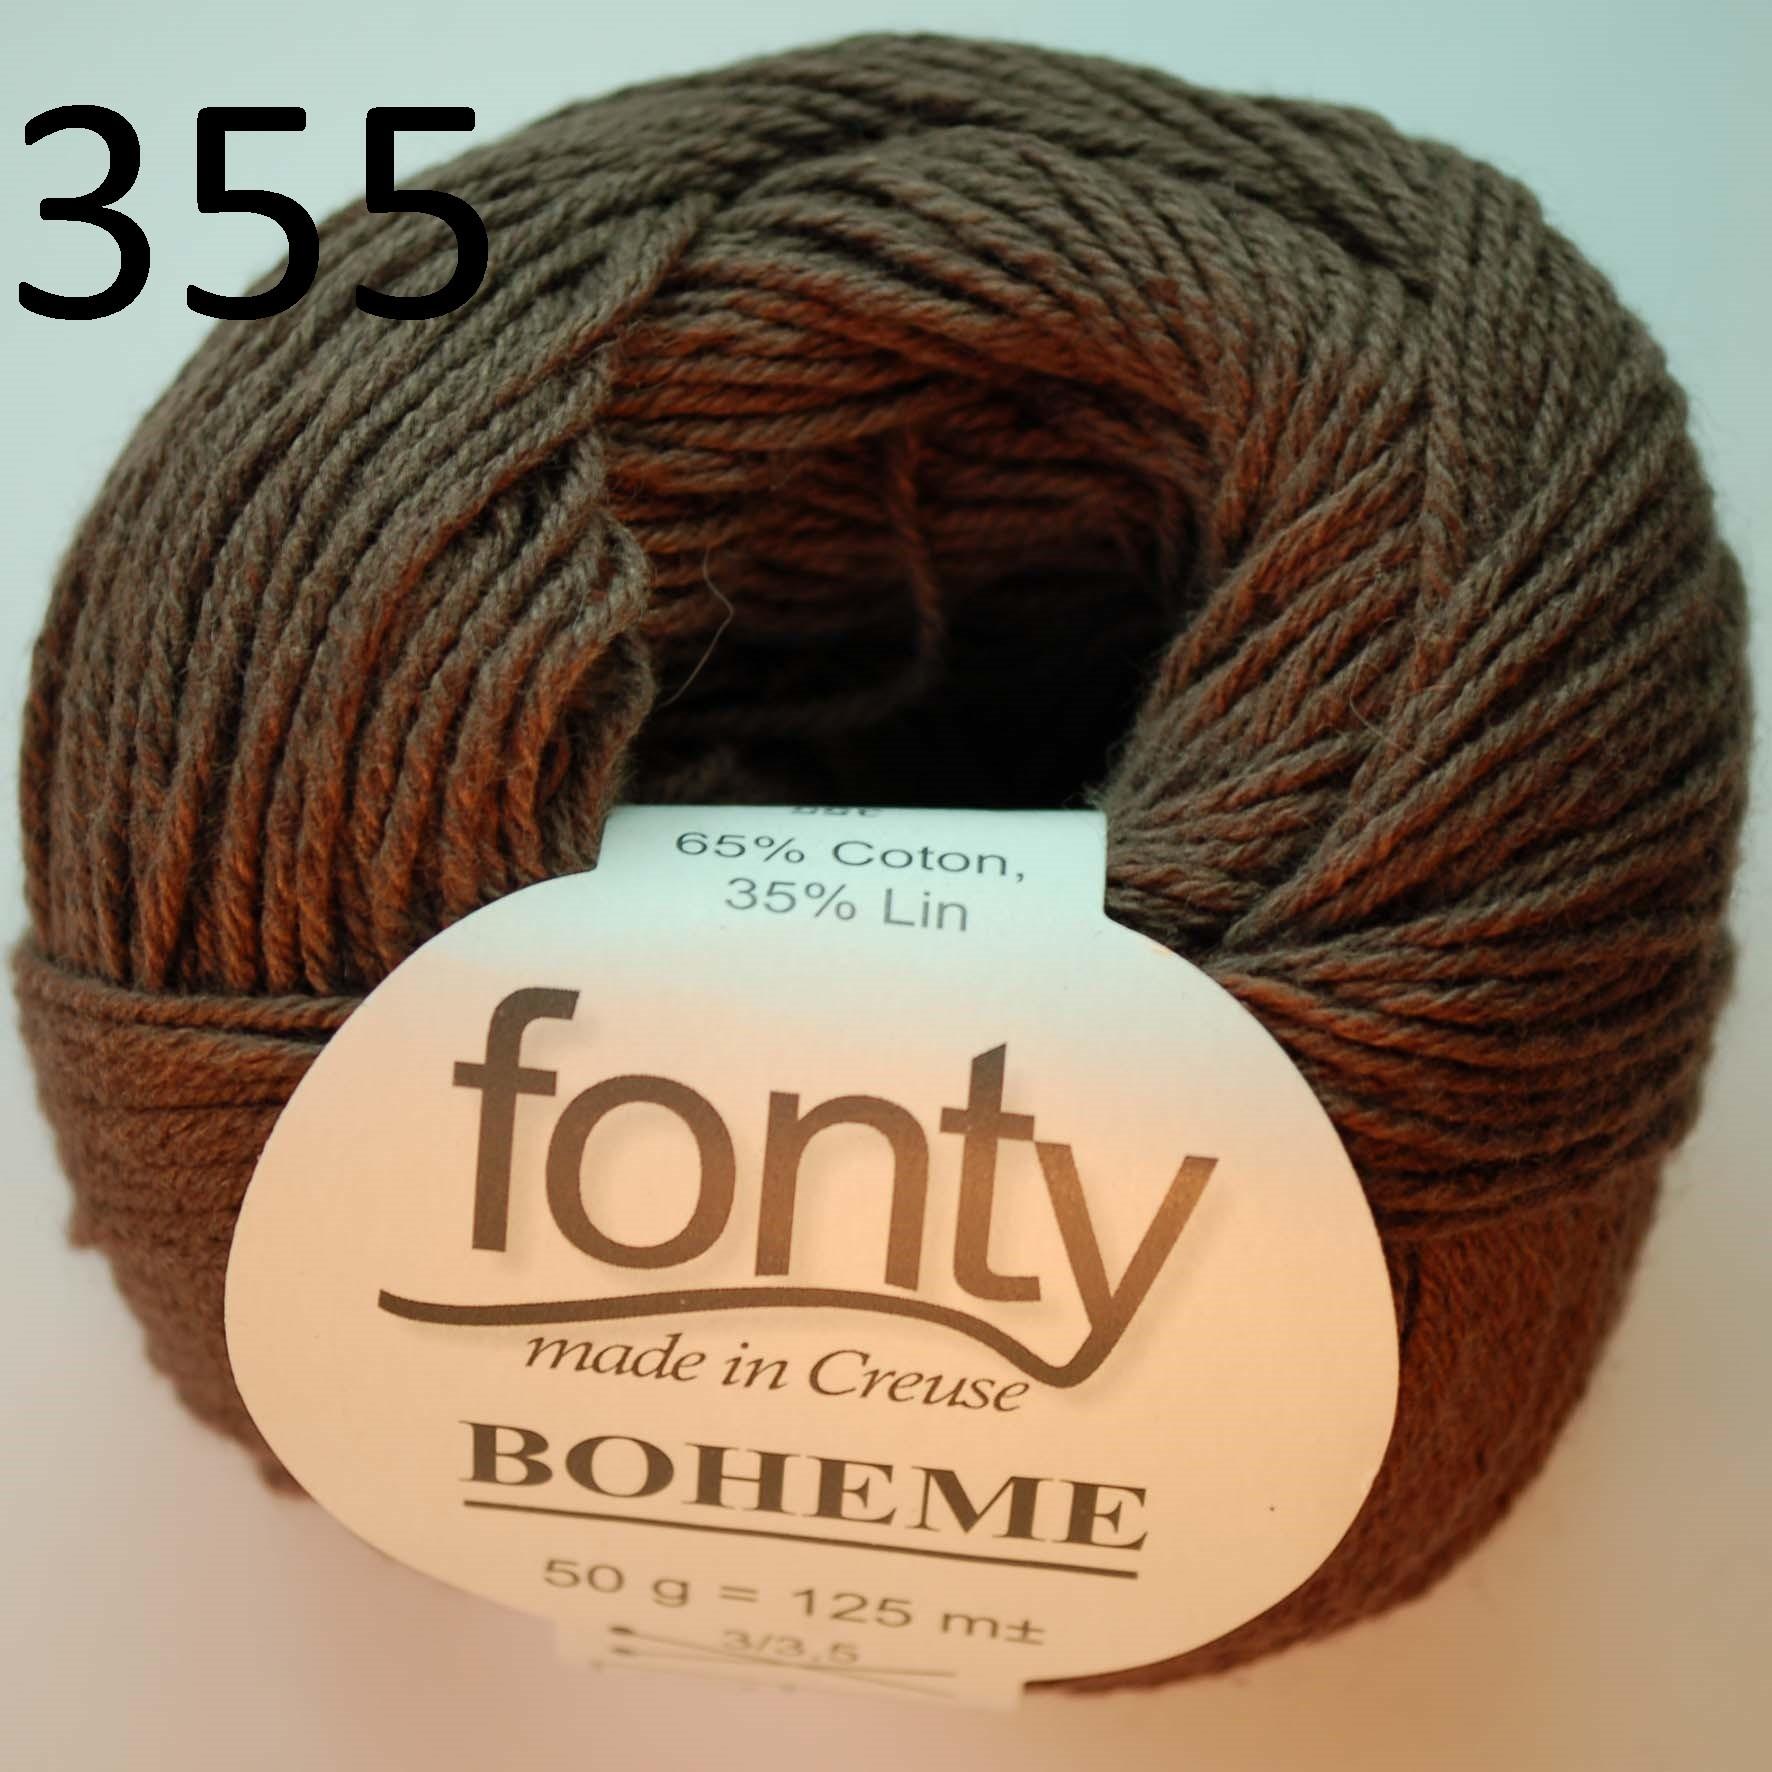 Boheme 355